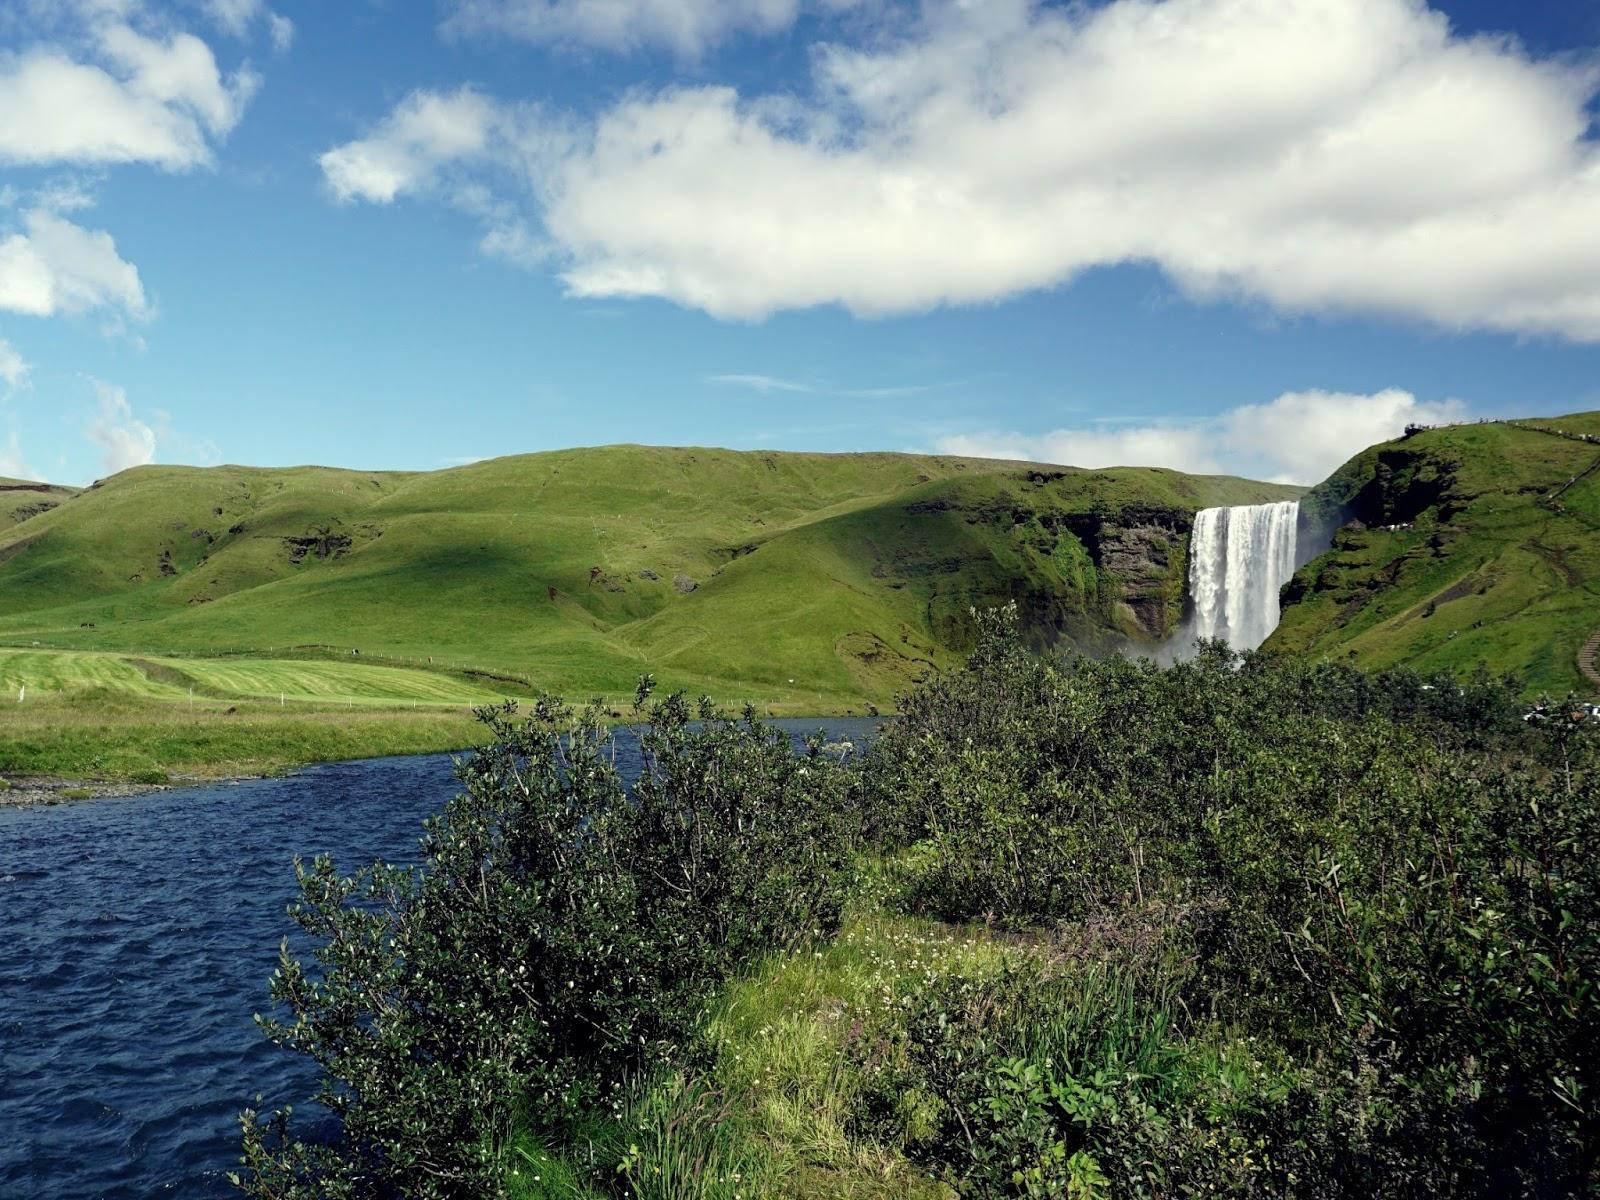 wodospad Skógar, islandzki wodospad, Islandia